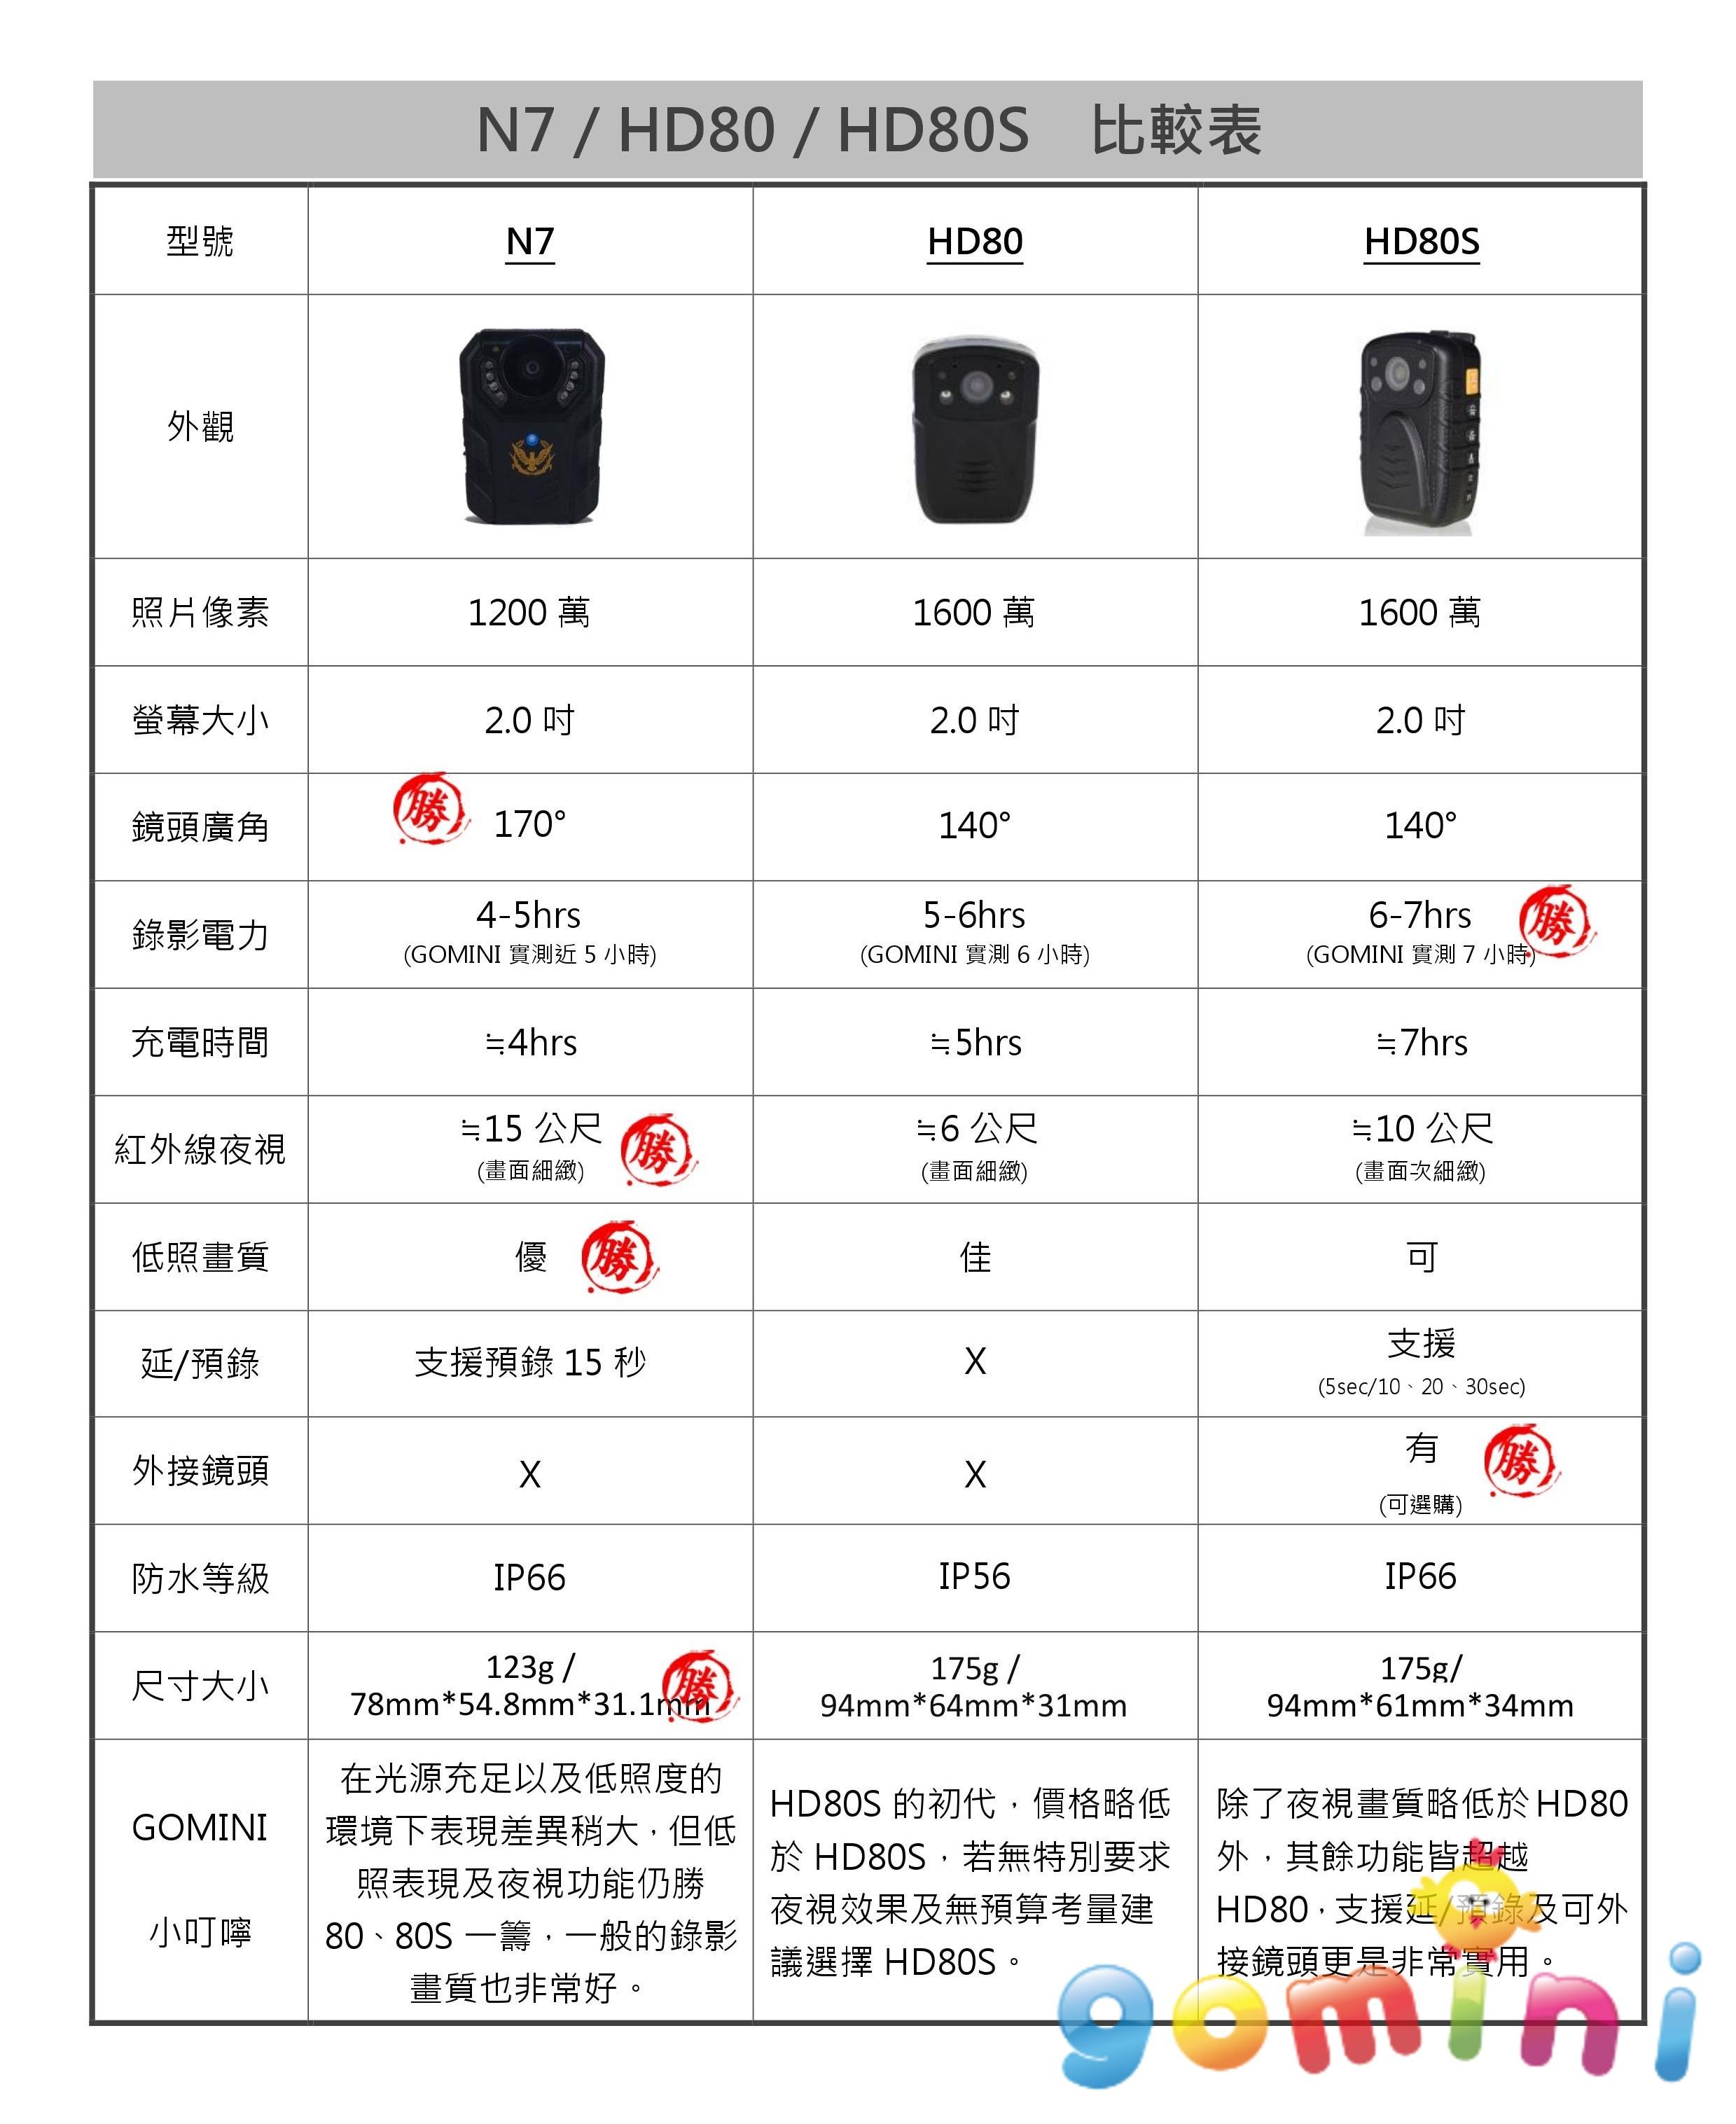 N7 HD80 80S比較.jpg